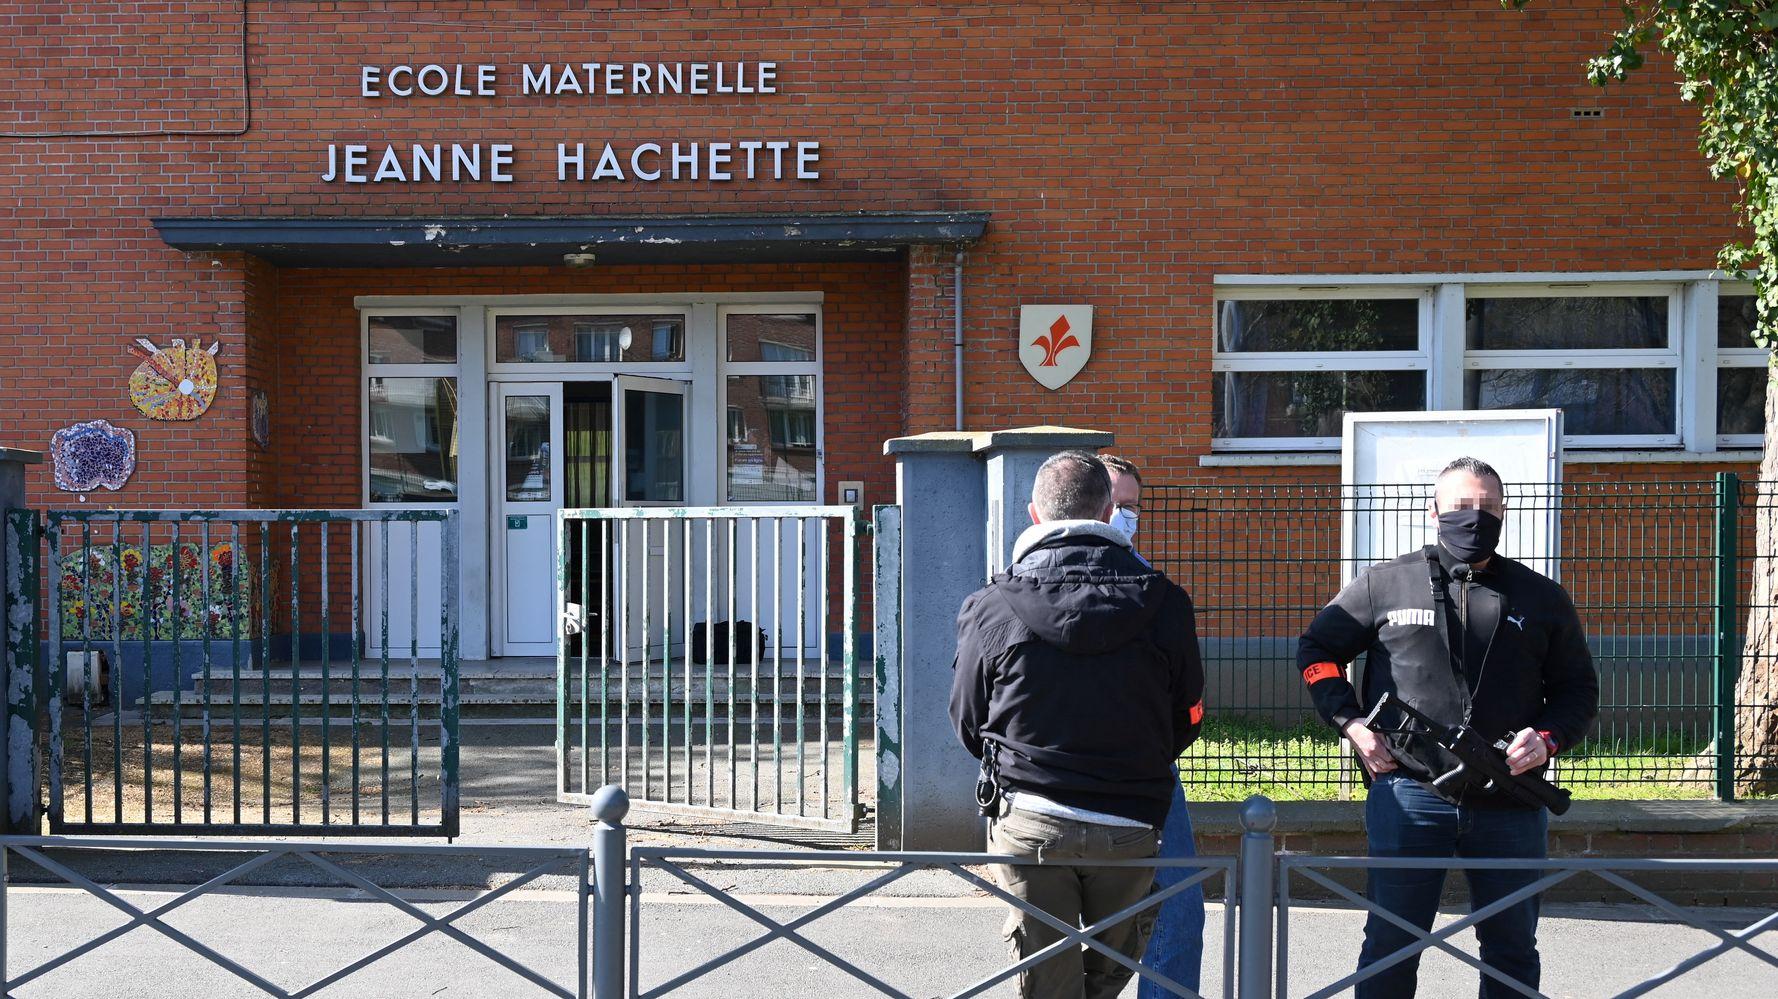 Après l'incendie d'une école maternelle à Lille, 2 gardes à vue